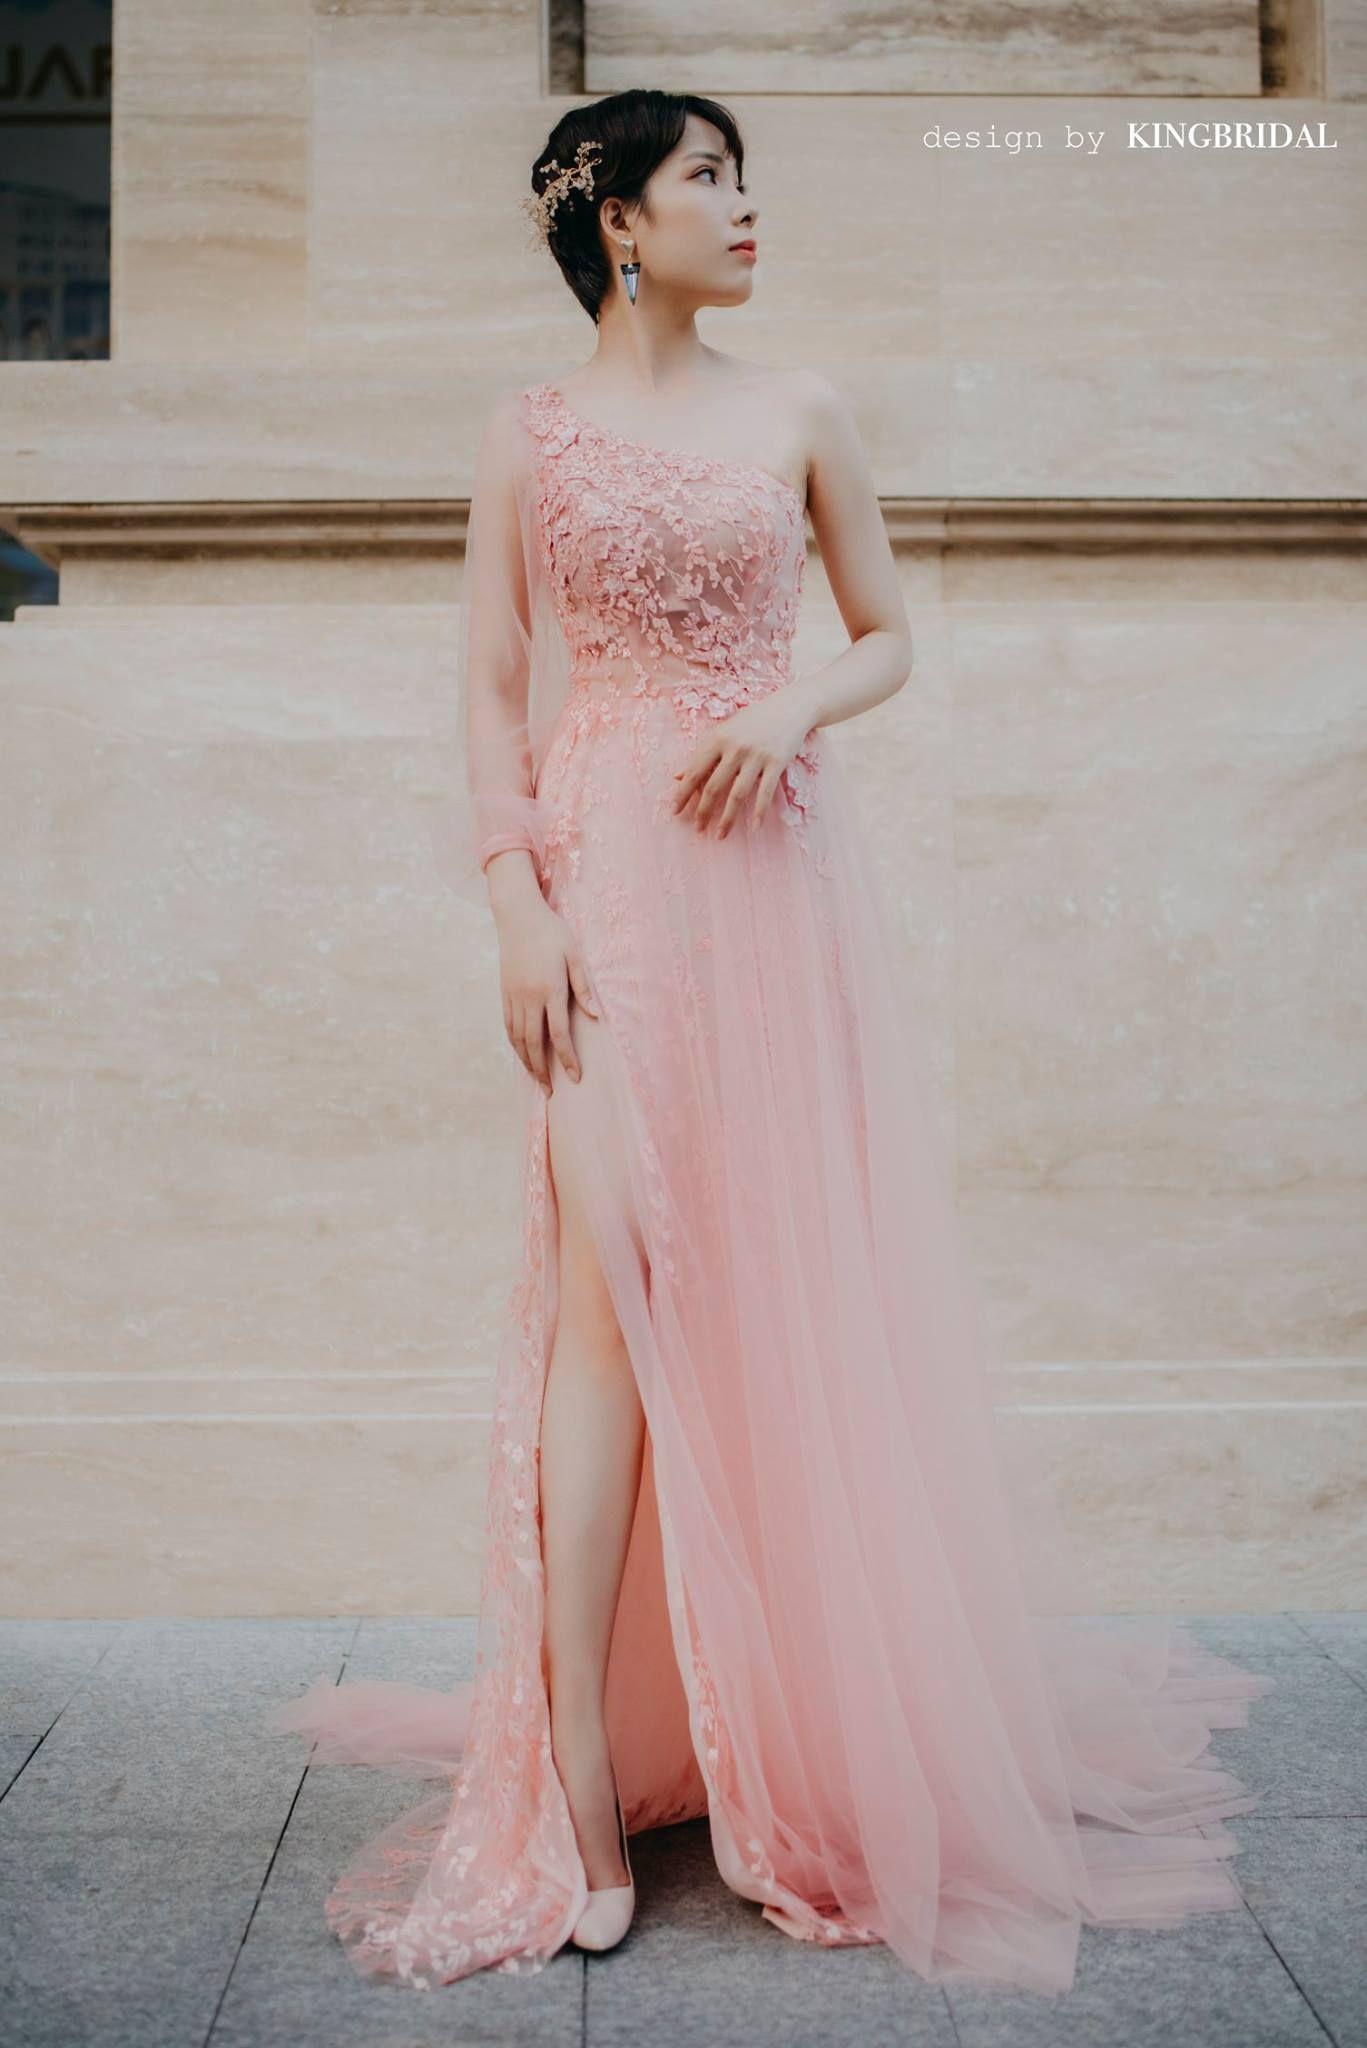 Ghim của may áo cưới giá rẻ trên wedding dress 2020 trends